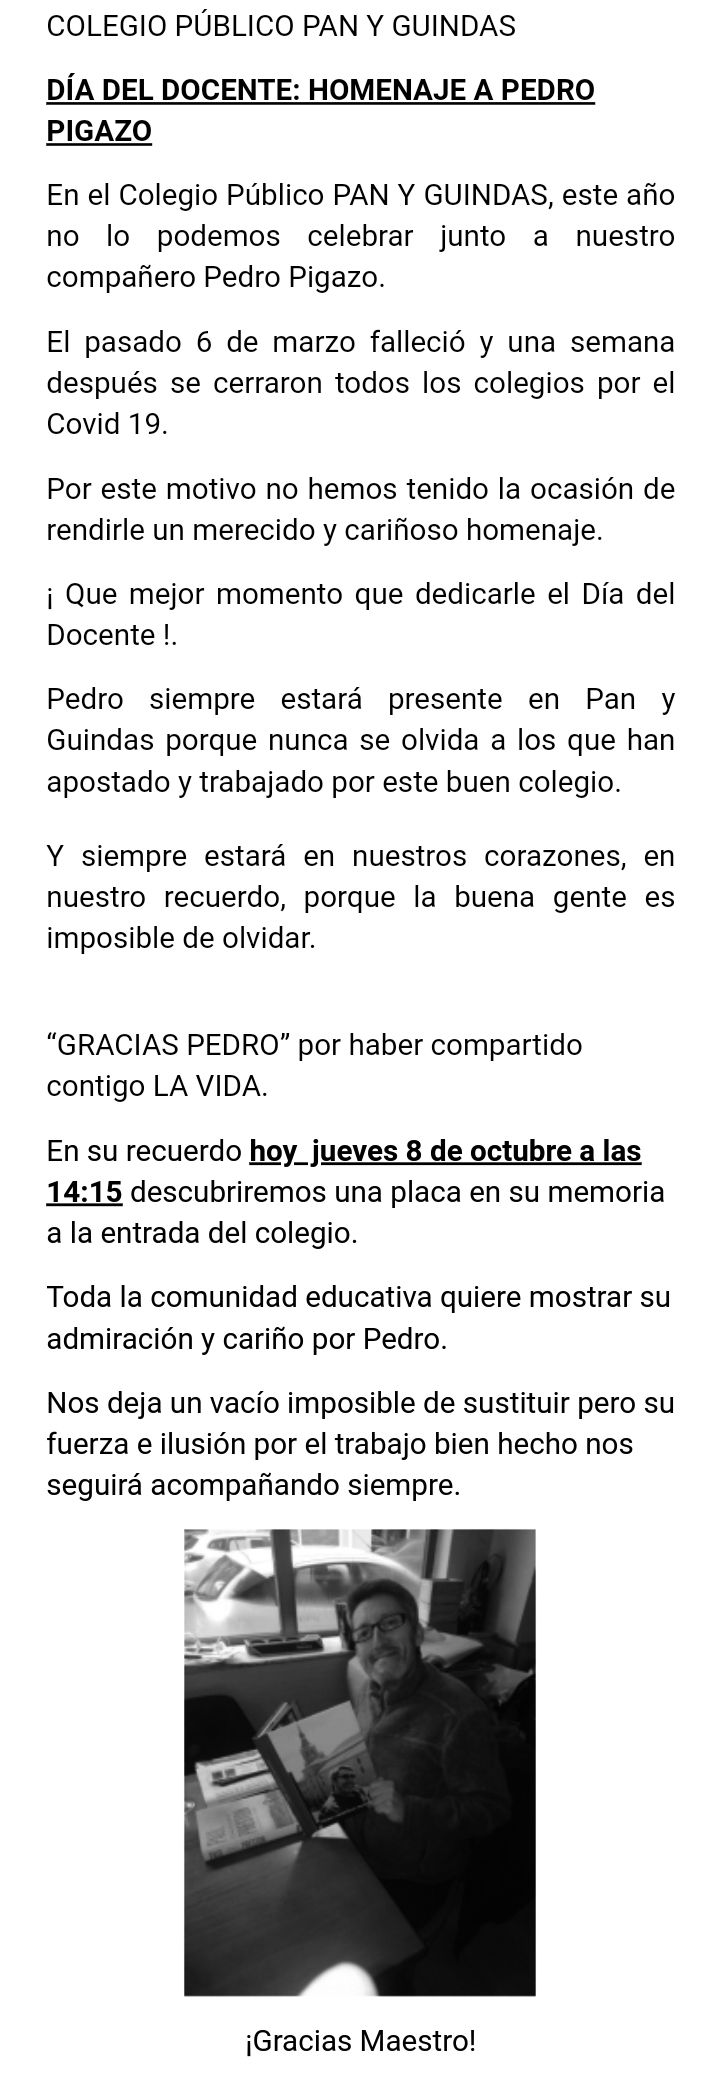 Pedro-Pigazo-Colegio-Pan-Guindas